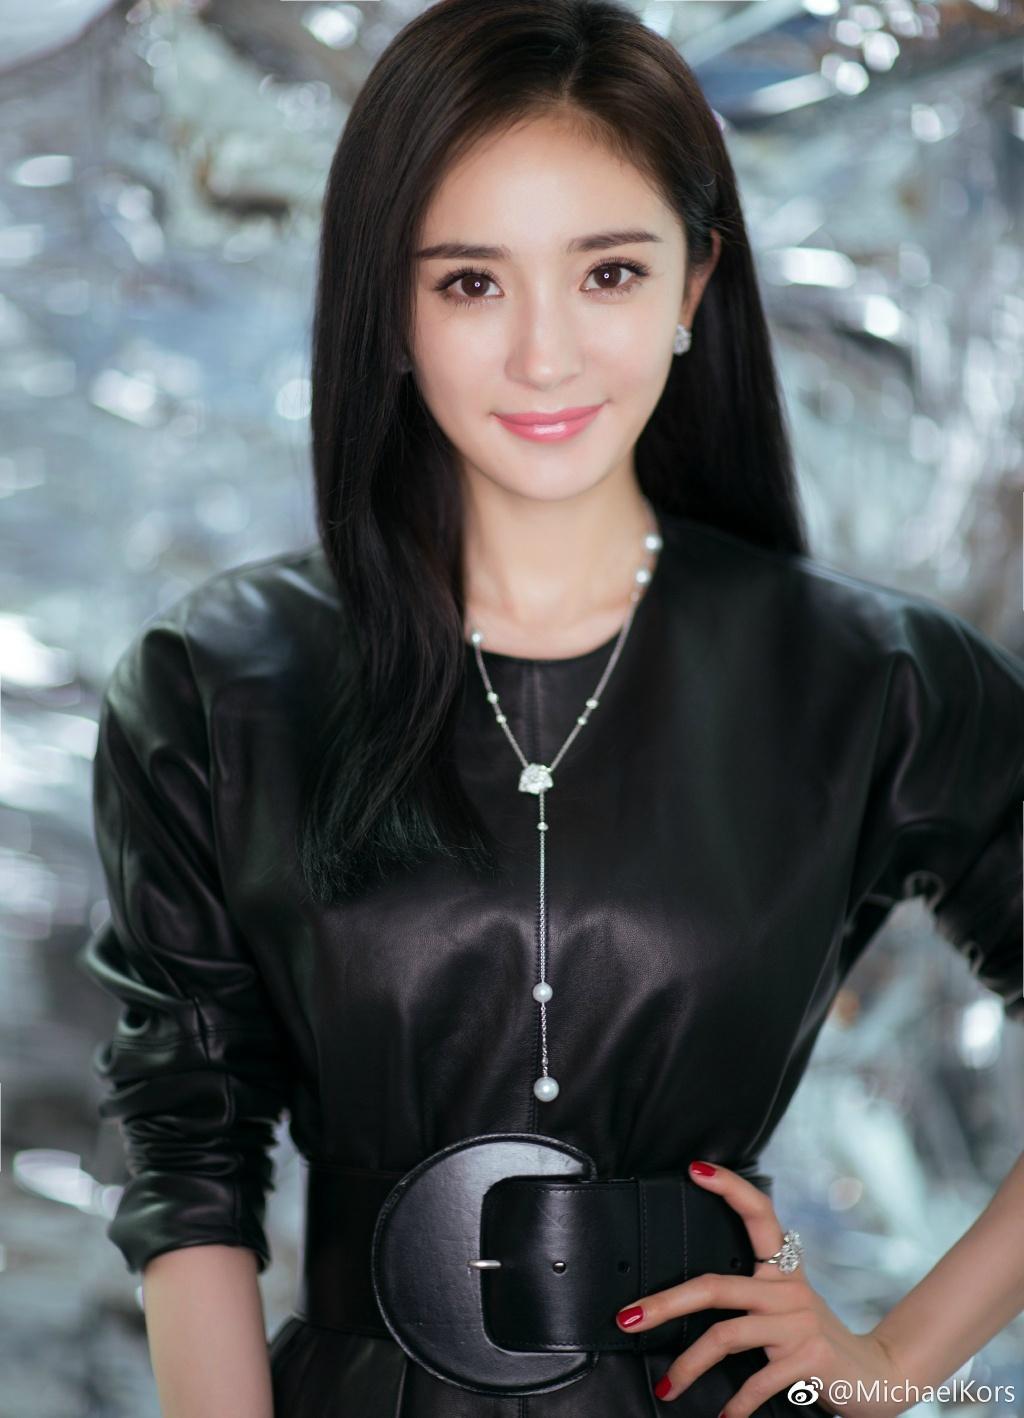 Hé lộ hình ảnh thời trẻ của Dương Mịch: Thân thiết với Thành Long, gương mặt nhỏ hơn cả Lưu Diệc Phi Ảnh 1